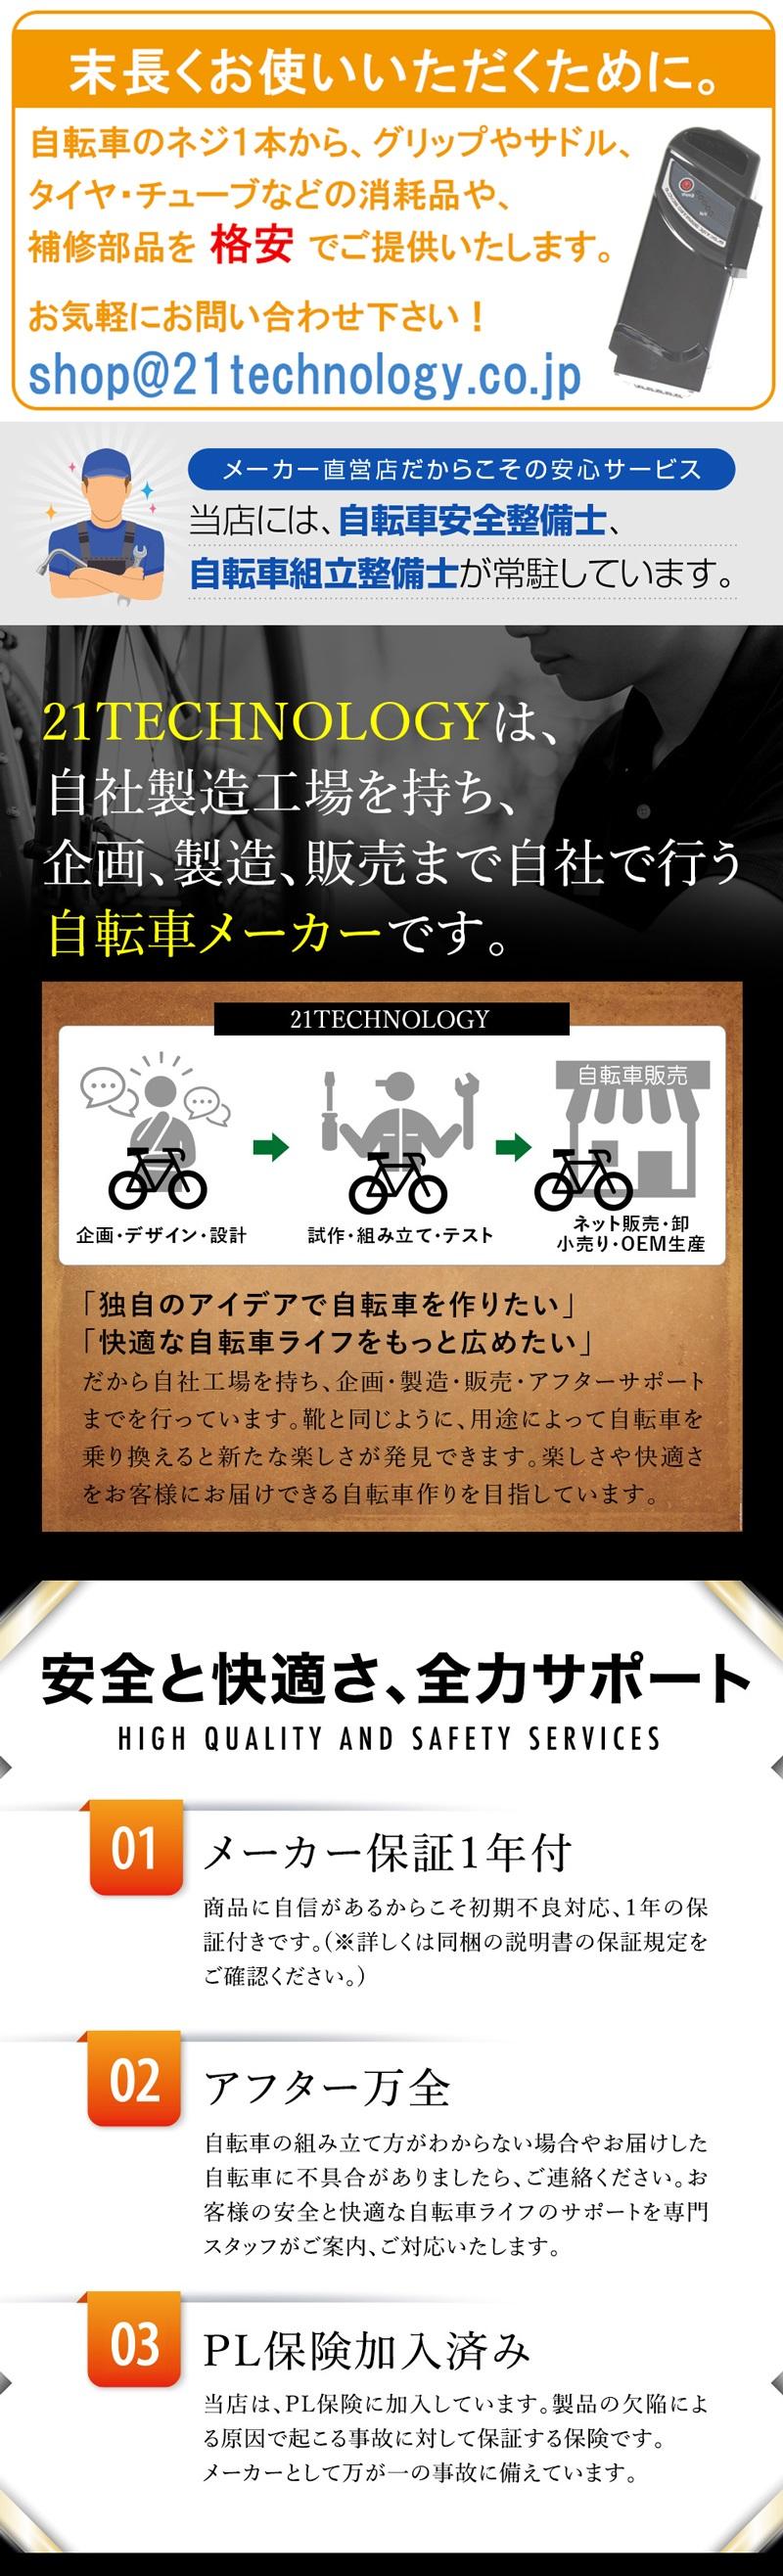 自転車安全整備士+21テクノロジーとは+全力サポート(GOLD画像)